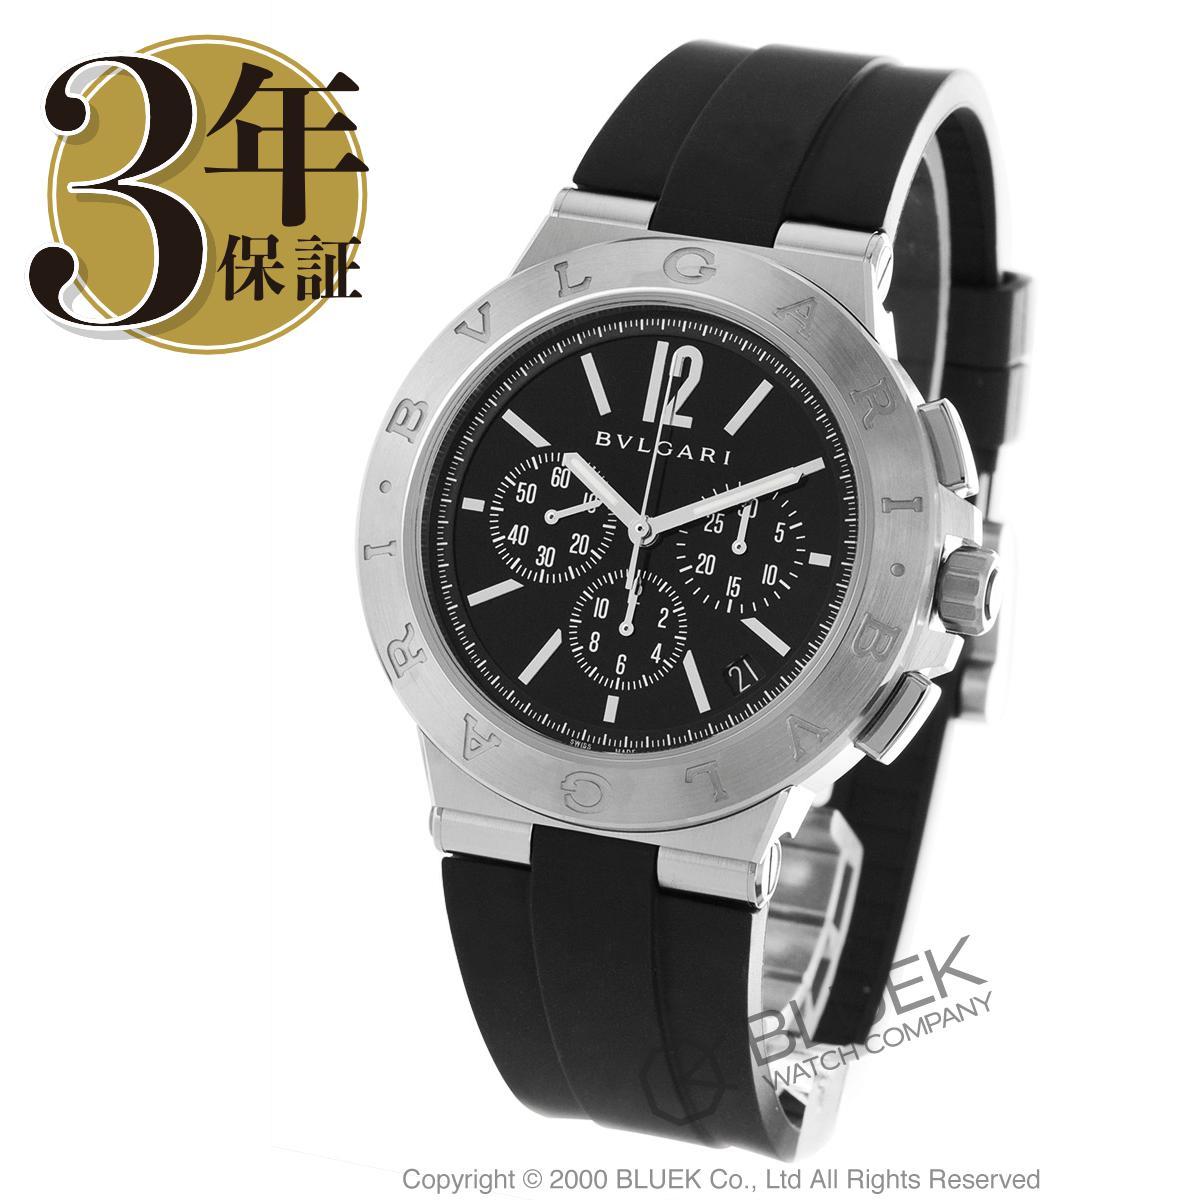 ブルガリ ディアゴノ ヴェロチッシモ クロノグラフ 腕時計 メンズ BVLGARI DG41BSVDCH-SET-BLK_8